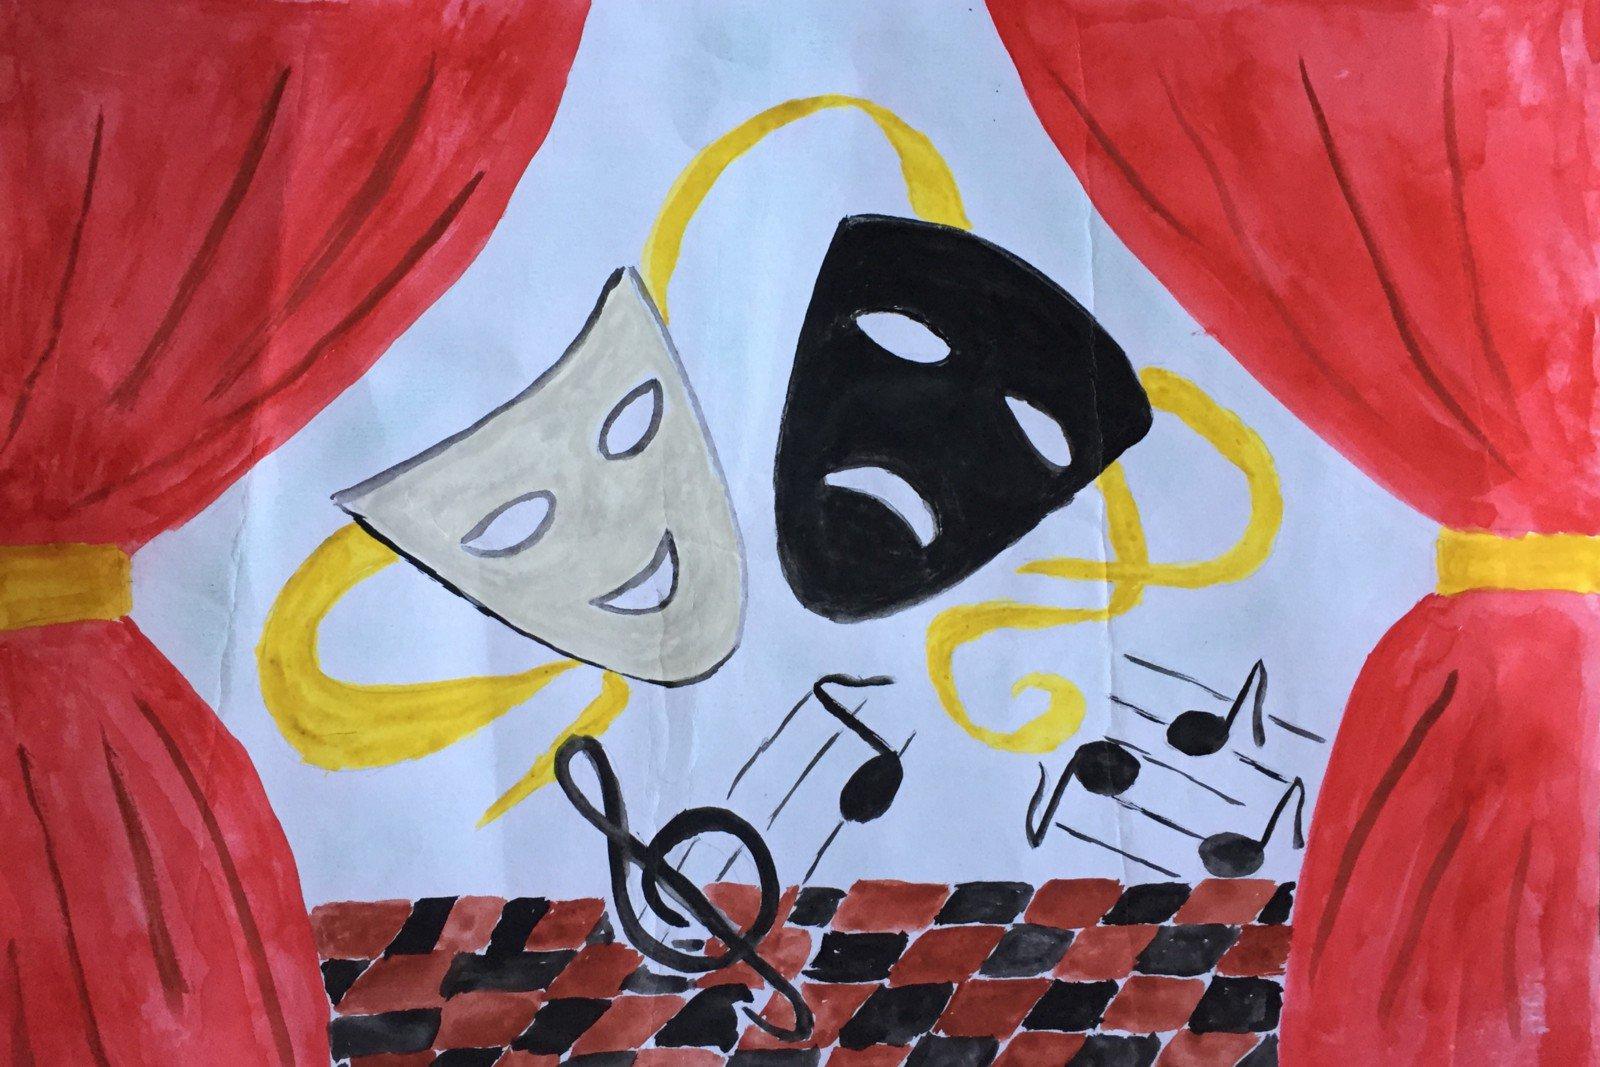 иллюстрации о театре своем блоге